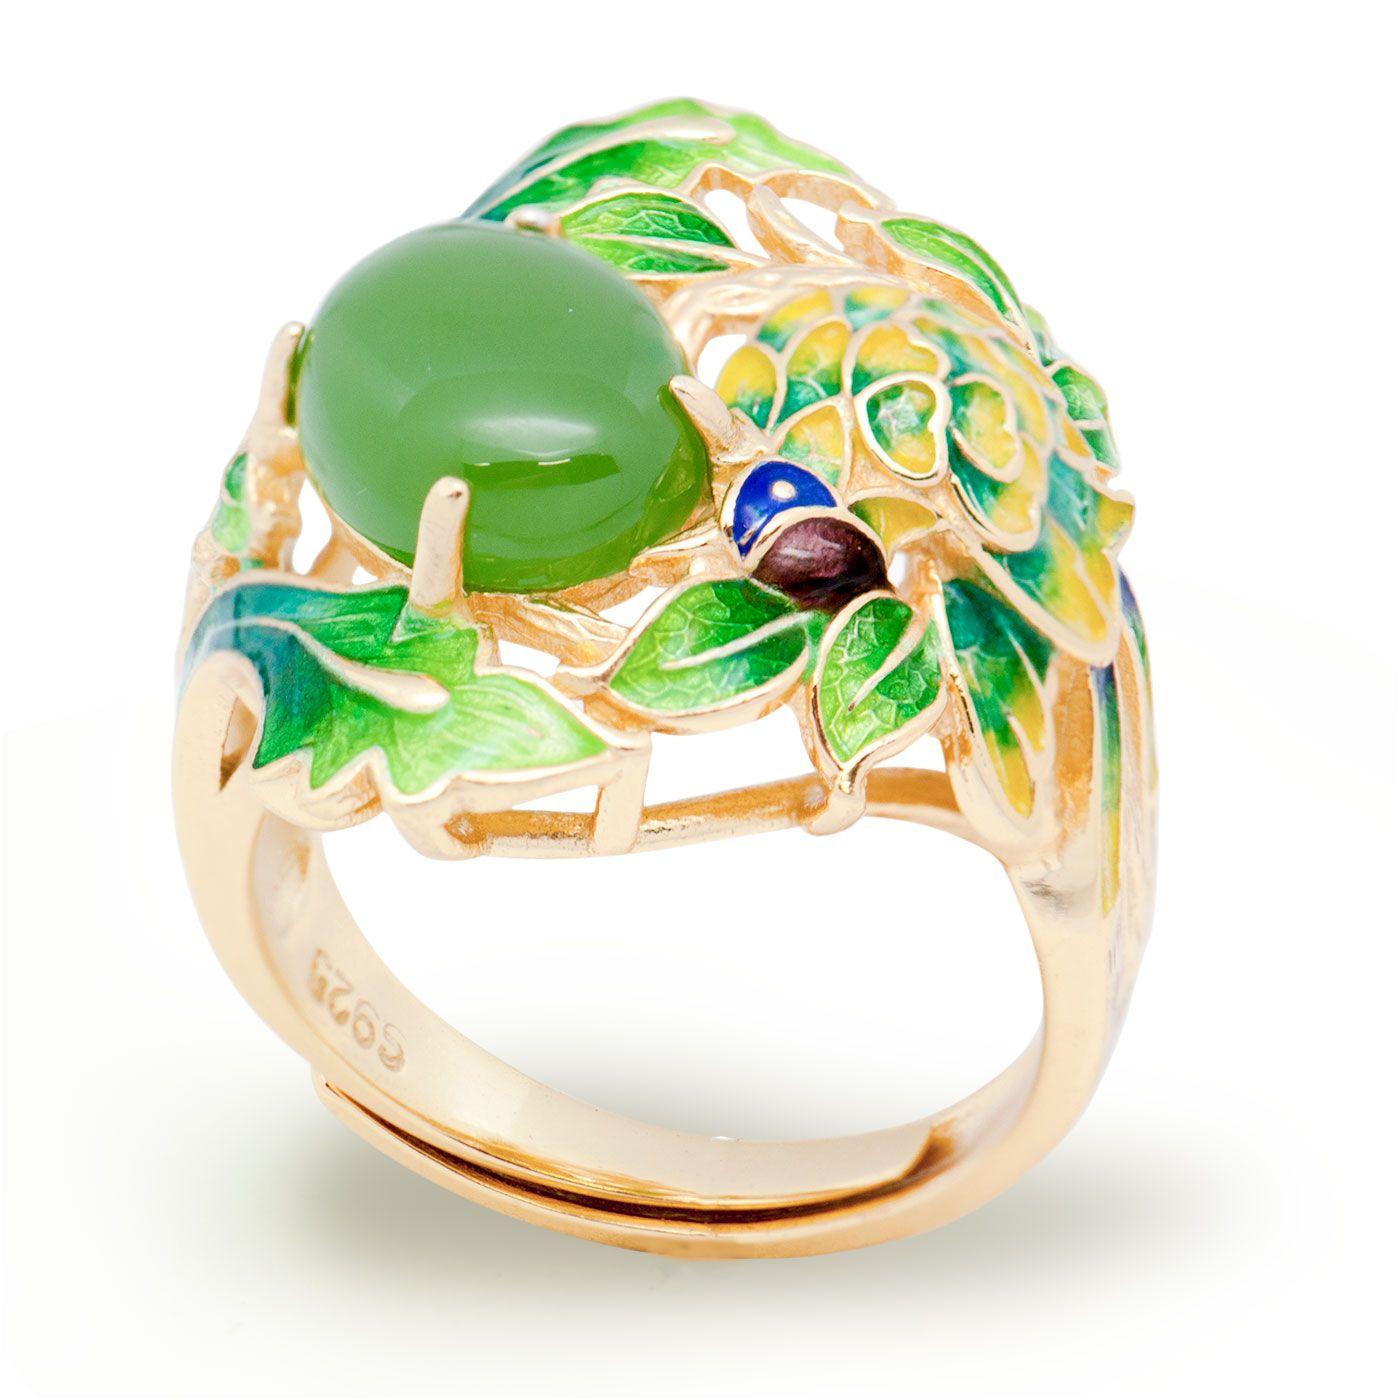 Esmalte Verde Jasper Flor Hojas Plata de ley 925 Anillo de Oro Ajustable